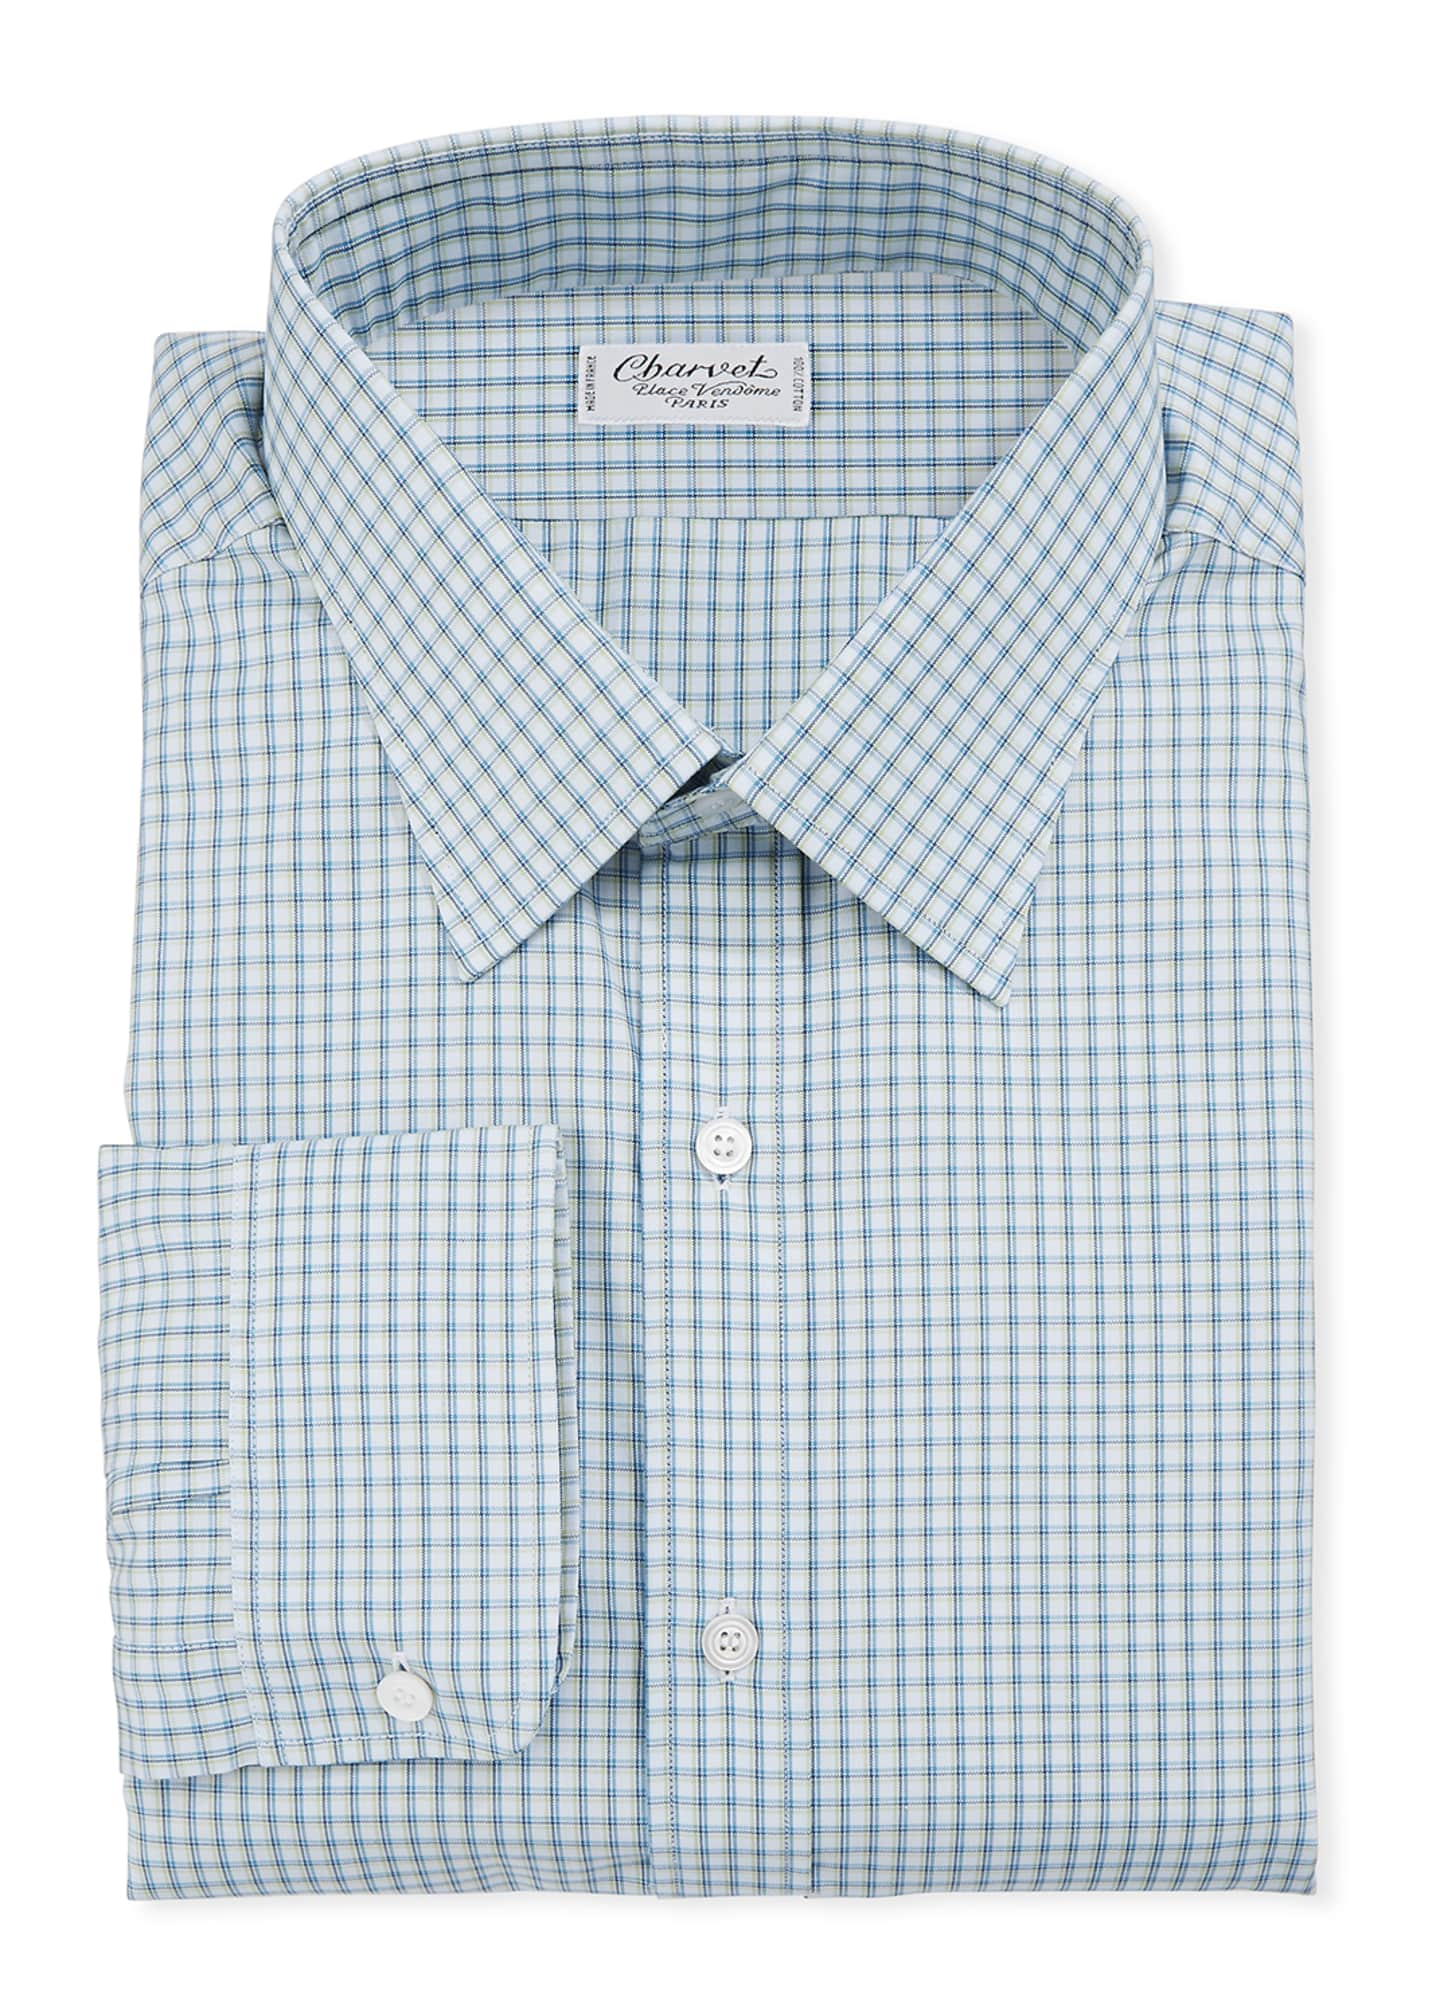 Charvet Men's Check Dress Shirt